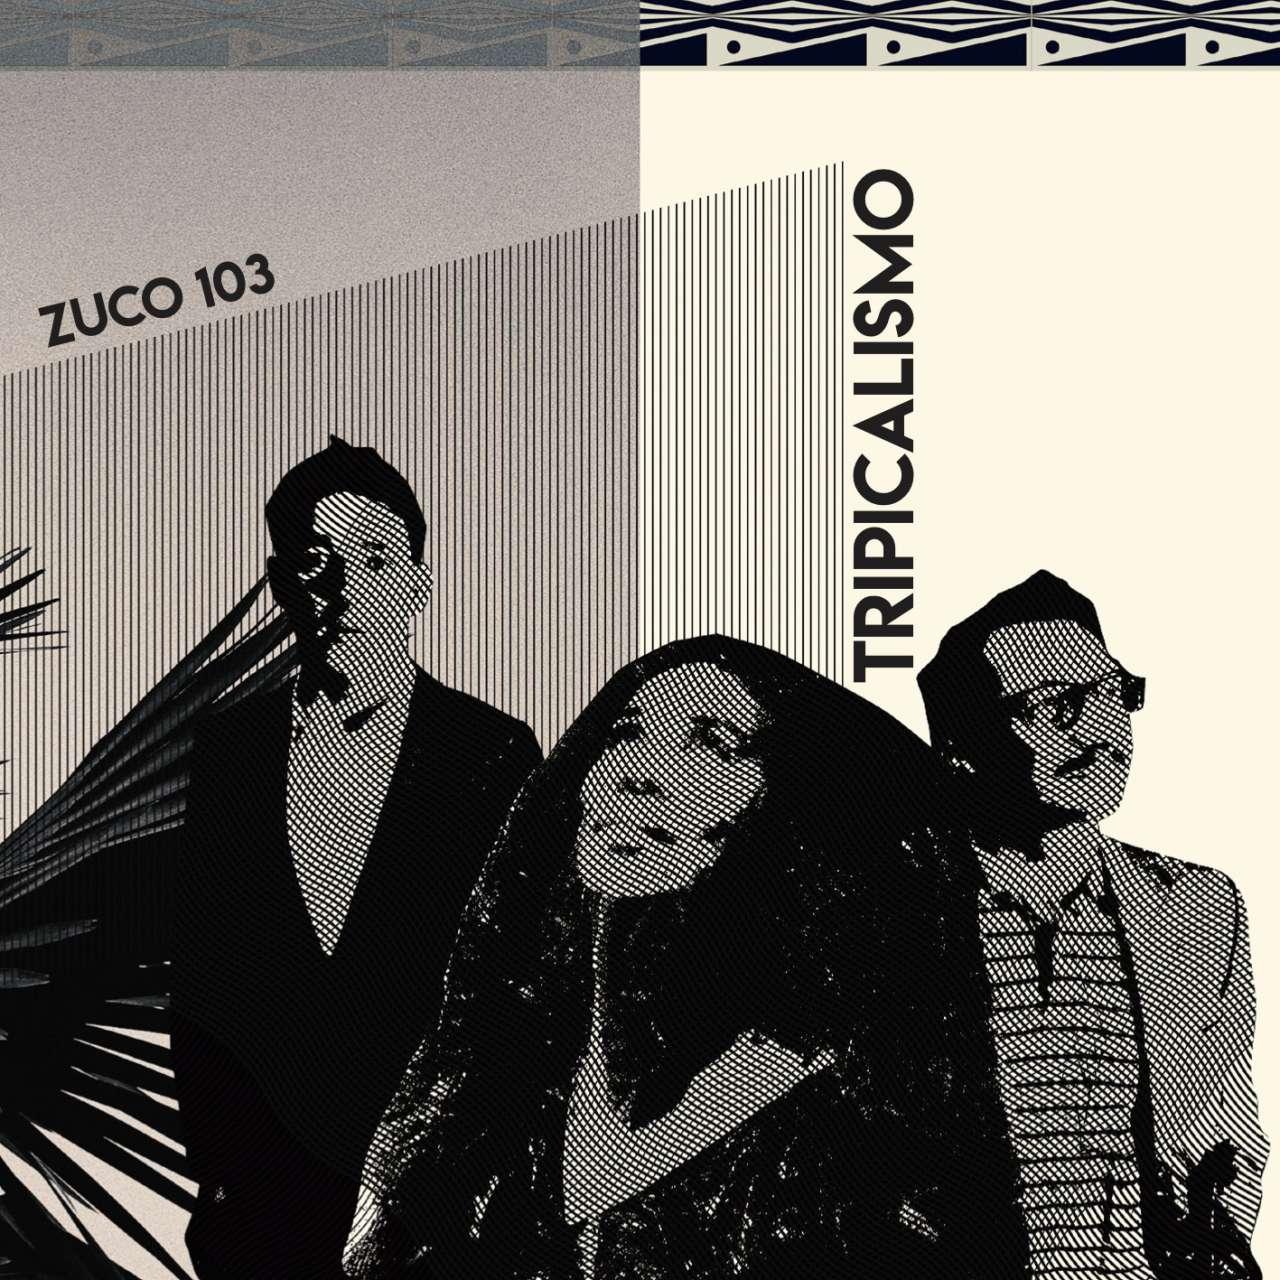 zuco-tripicalismo-cd-1-940cab4c5433dd945648df8e004ac8b6